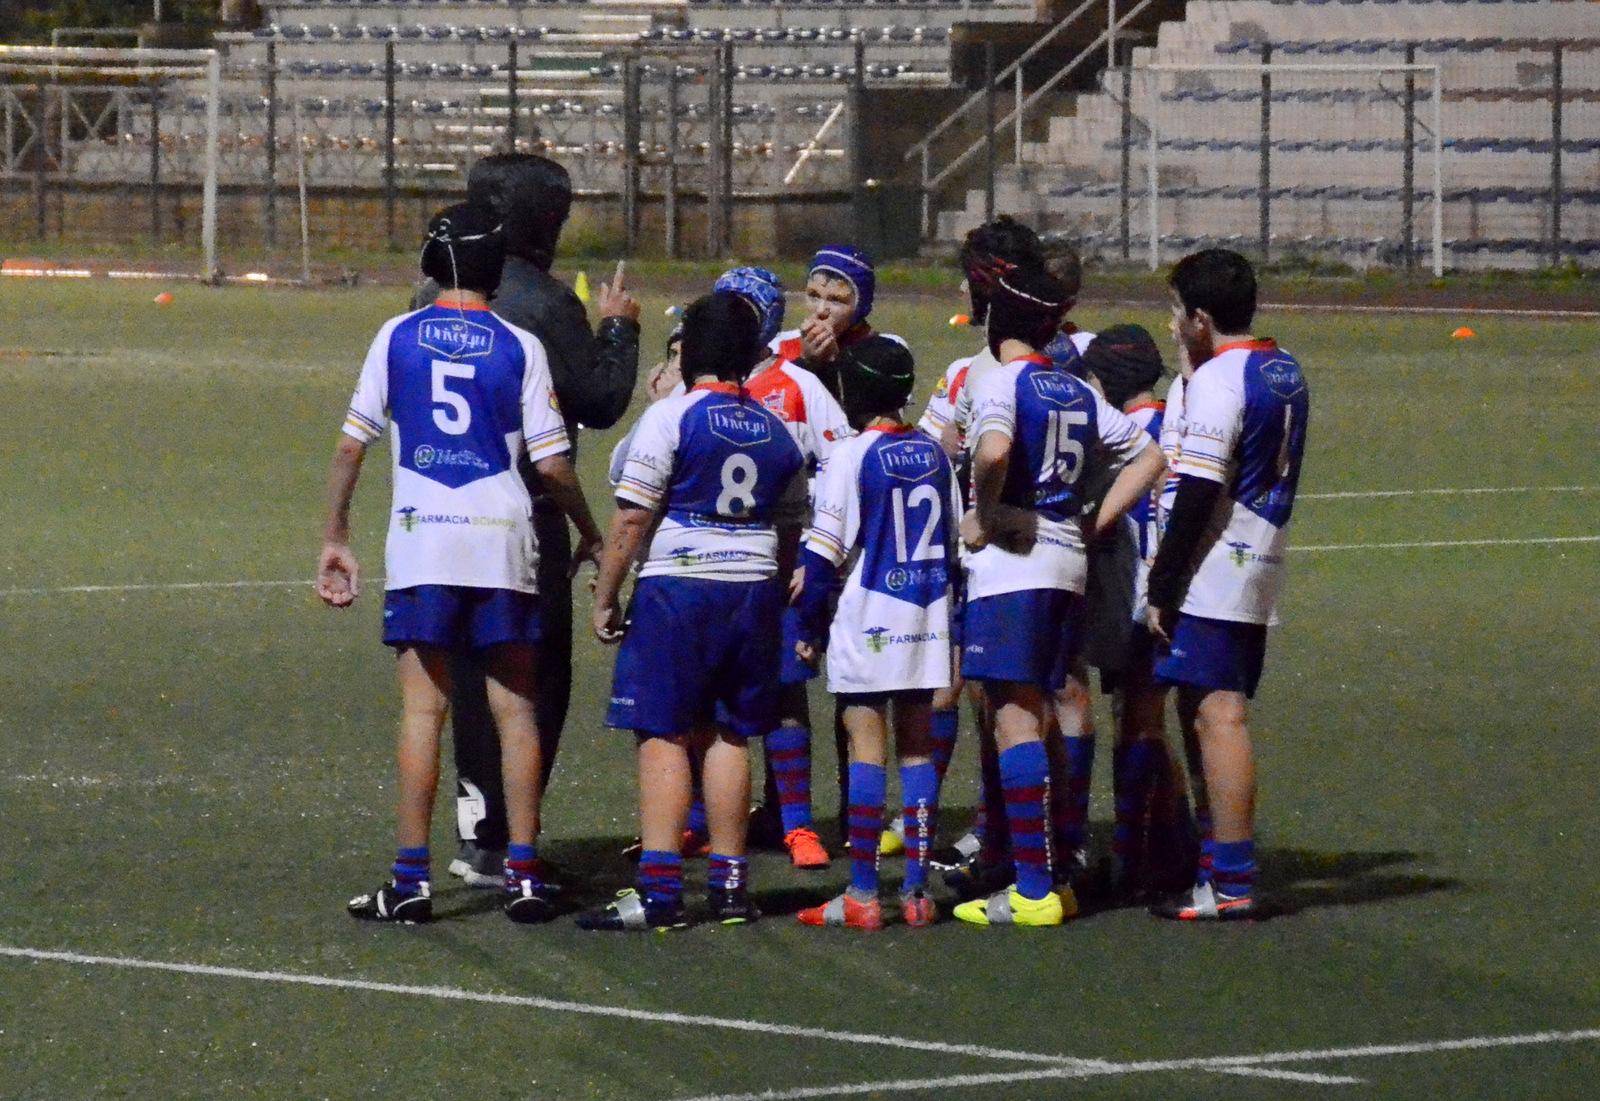 Un weekend da incorniciare per il Ciampino Rugby - ilmamilio.it - L'informazione dei Castelli romani